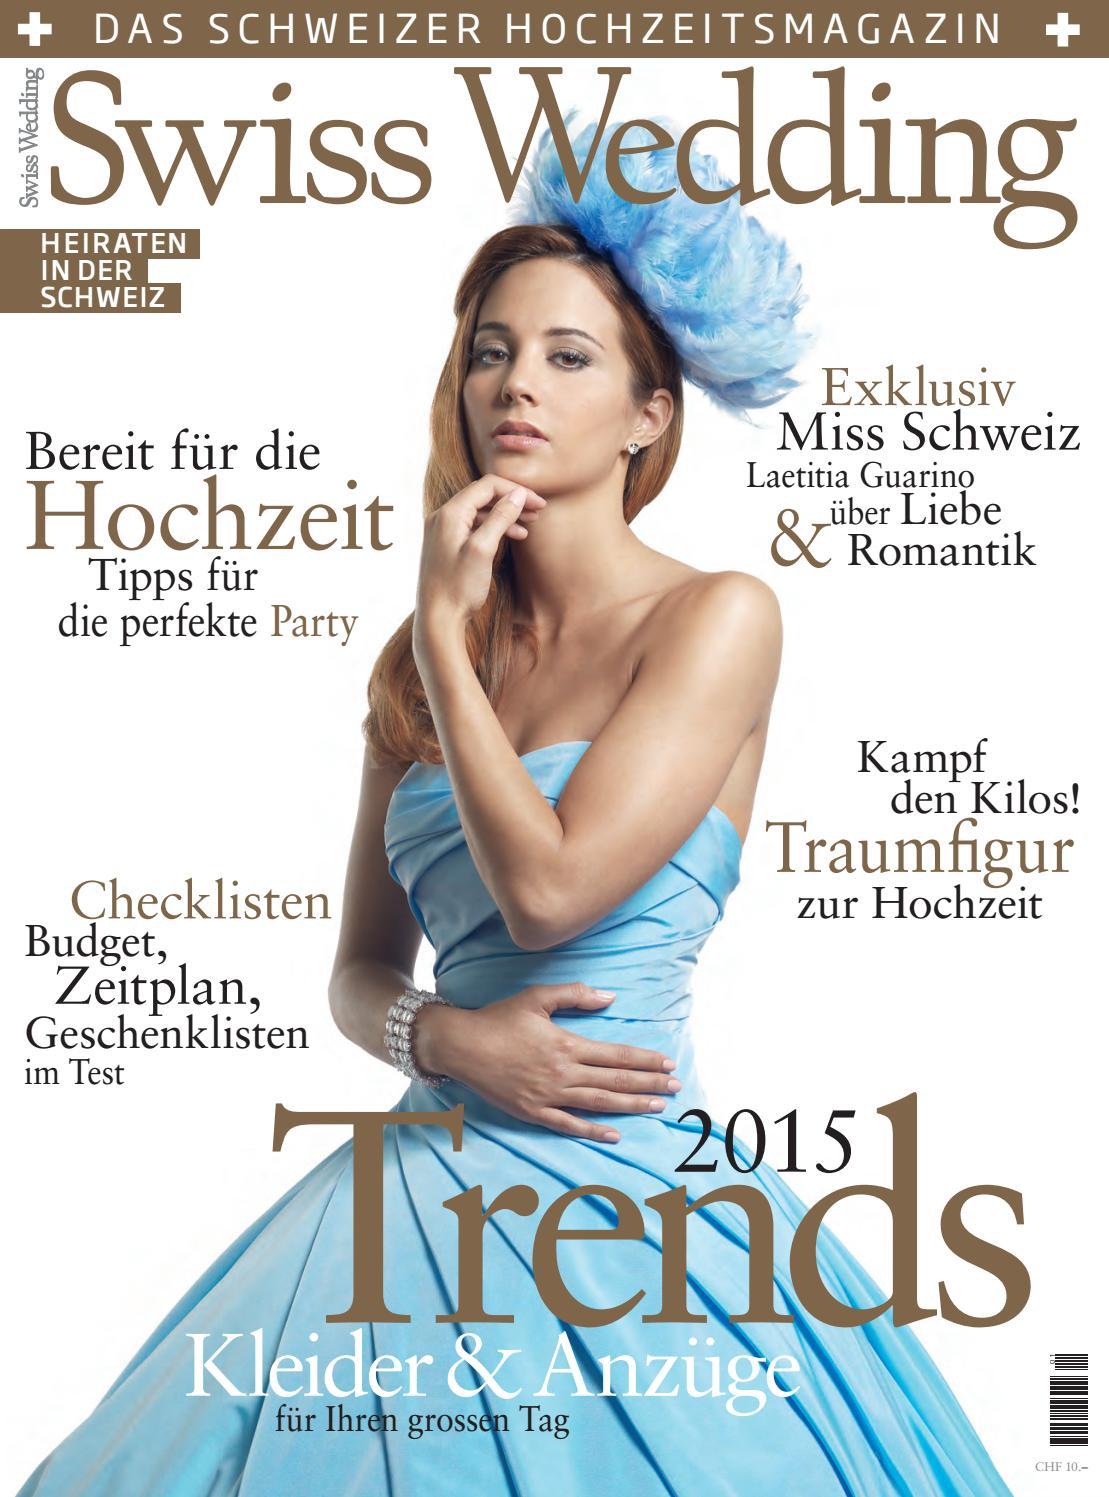 Swiss Wedding 01 2015 by BL Verlag AG - issuu